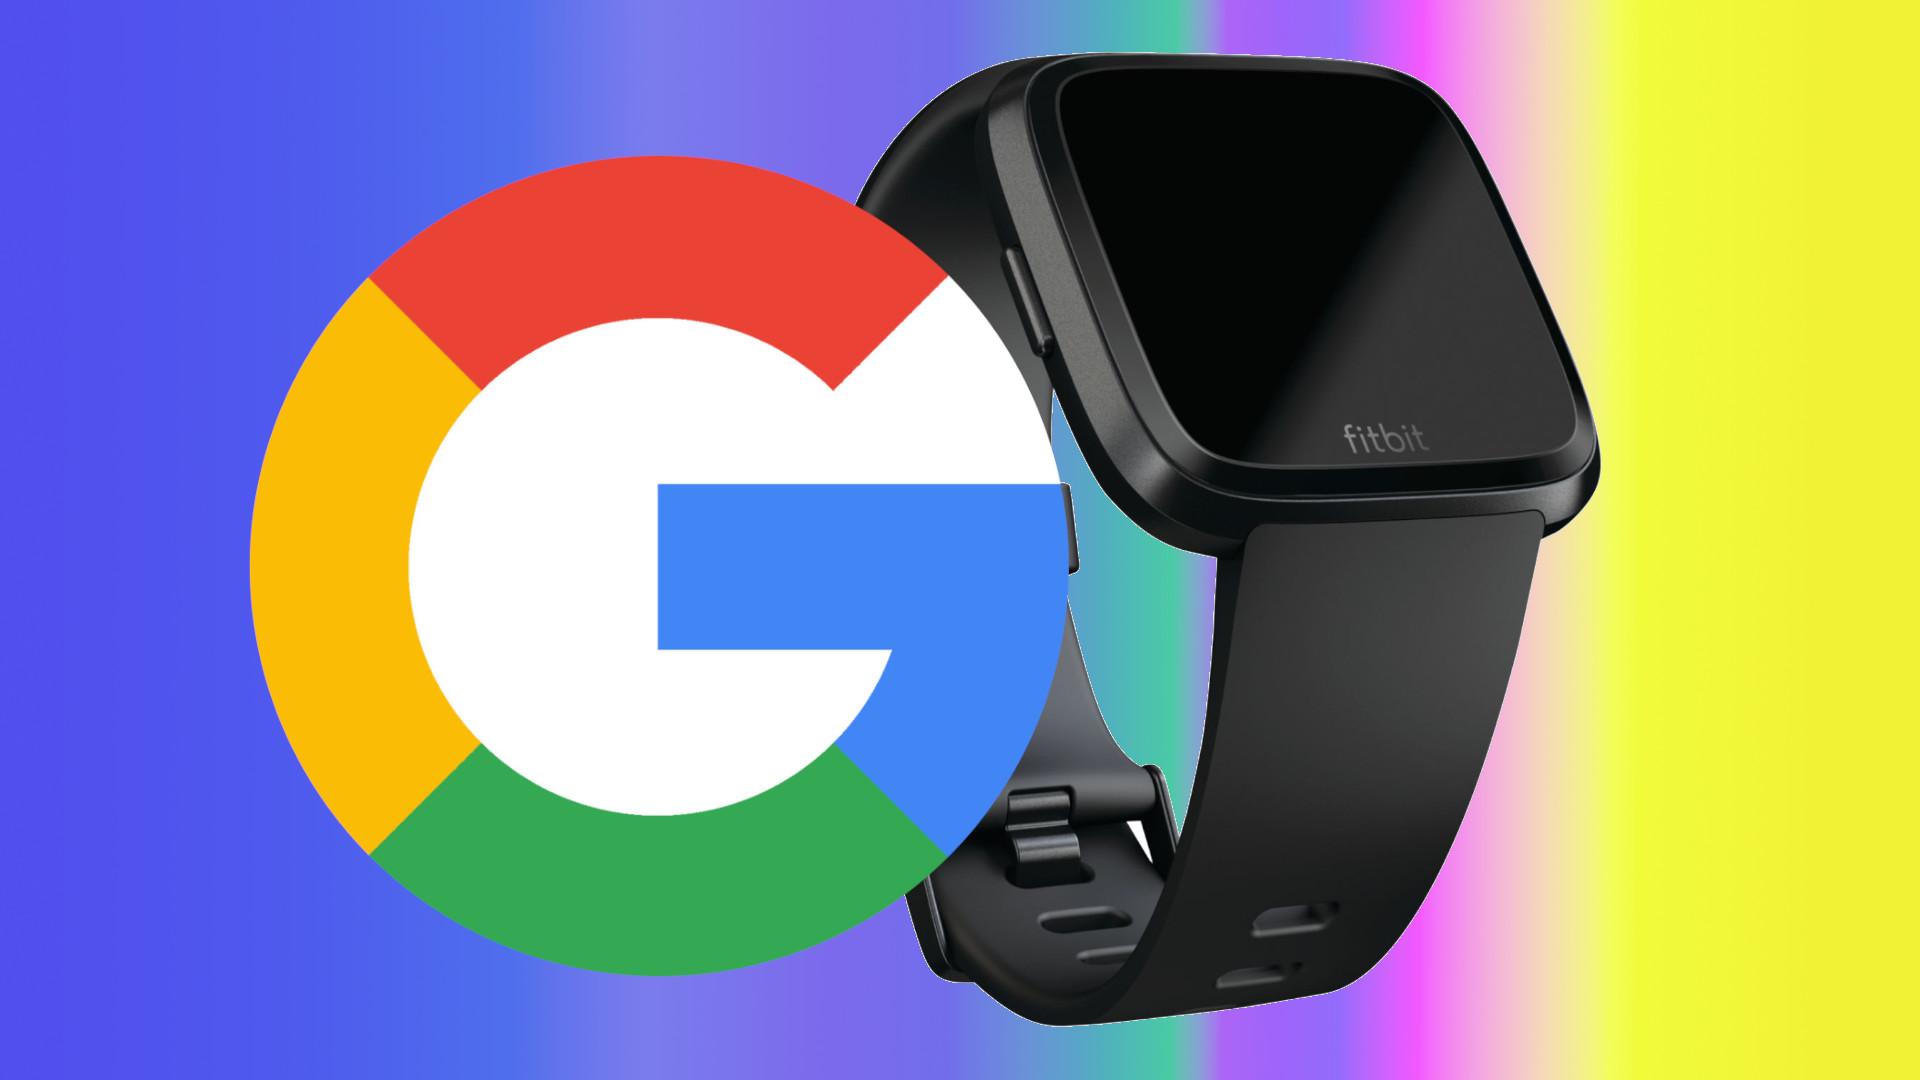 Еврокомиссия готова одобрить сделку Google и Fitbit